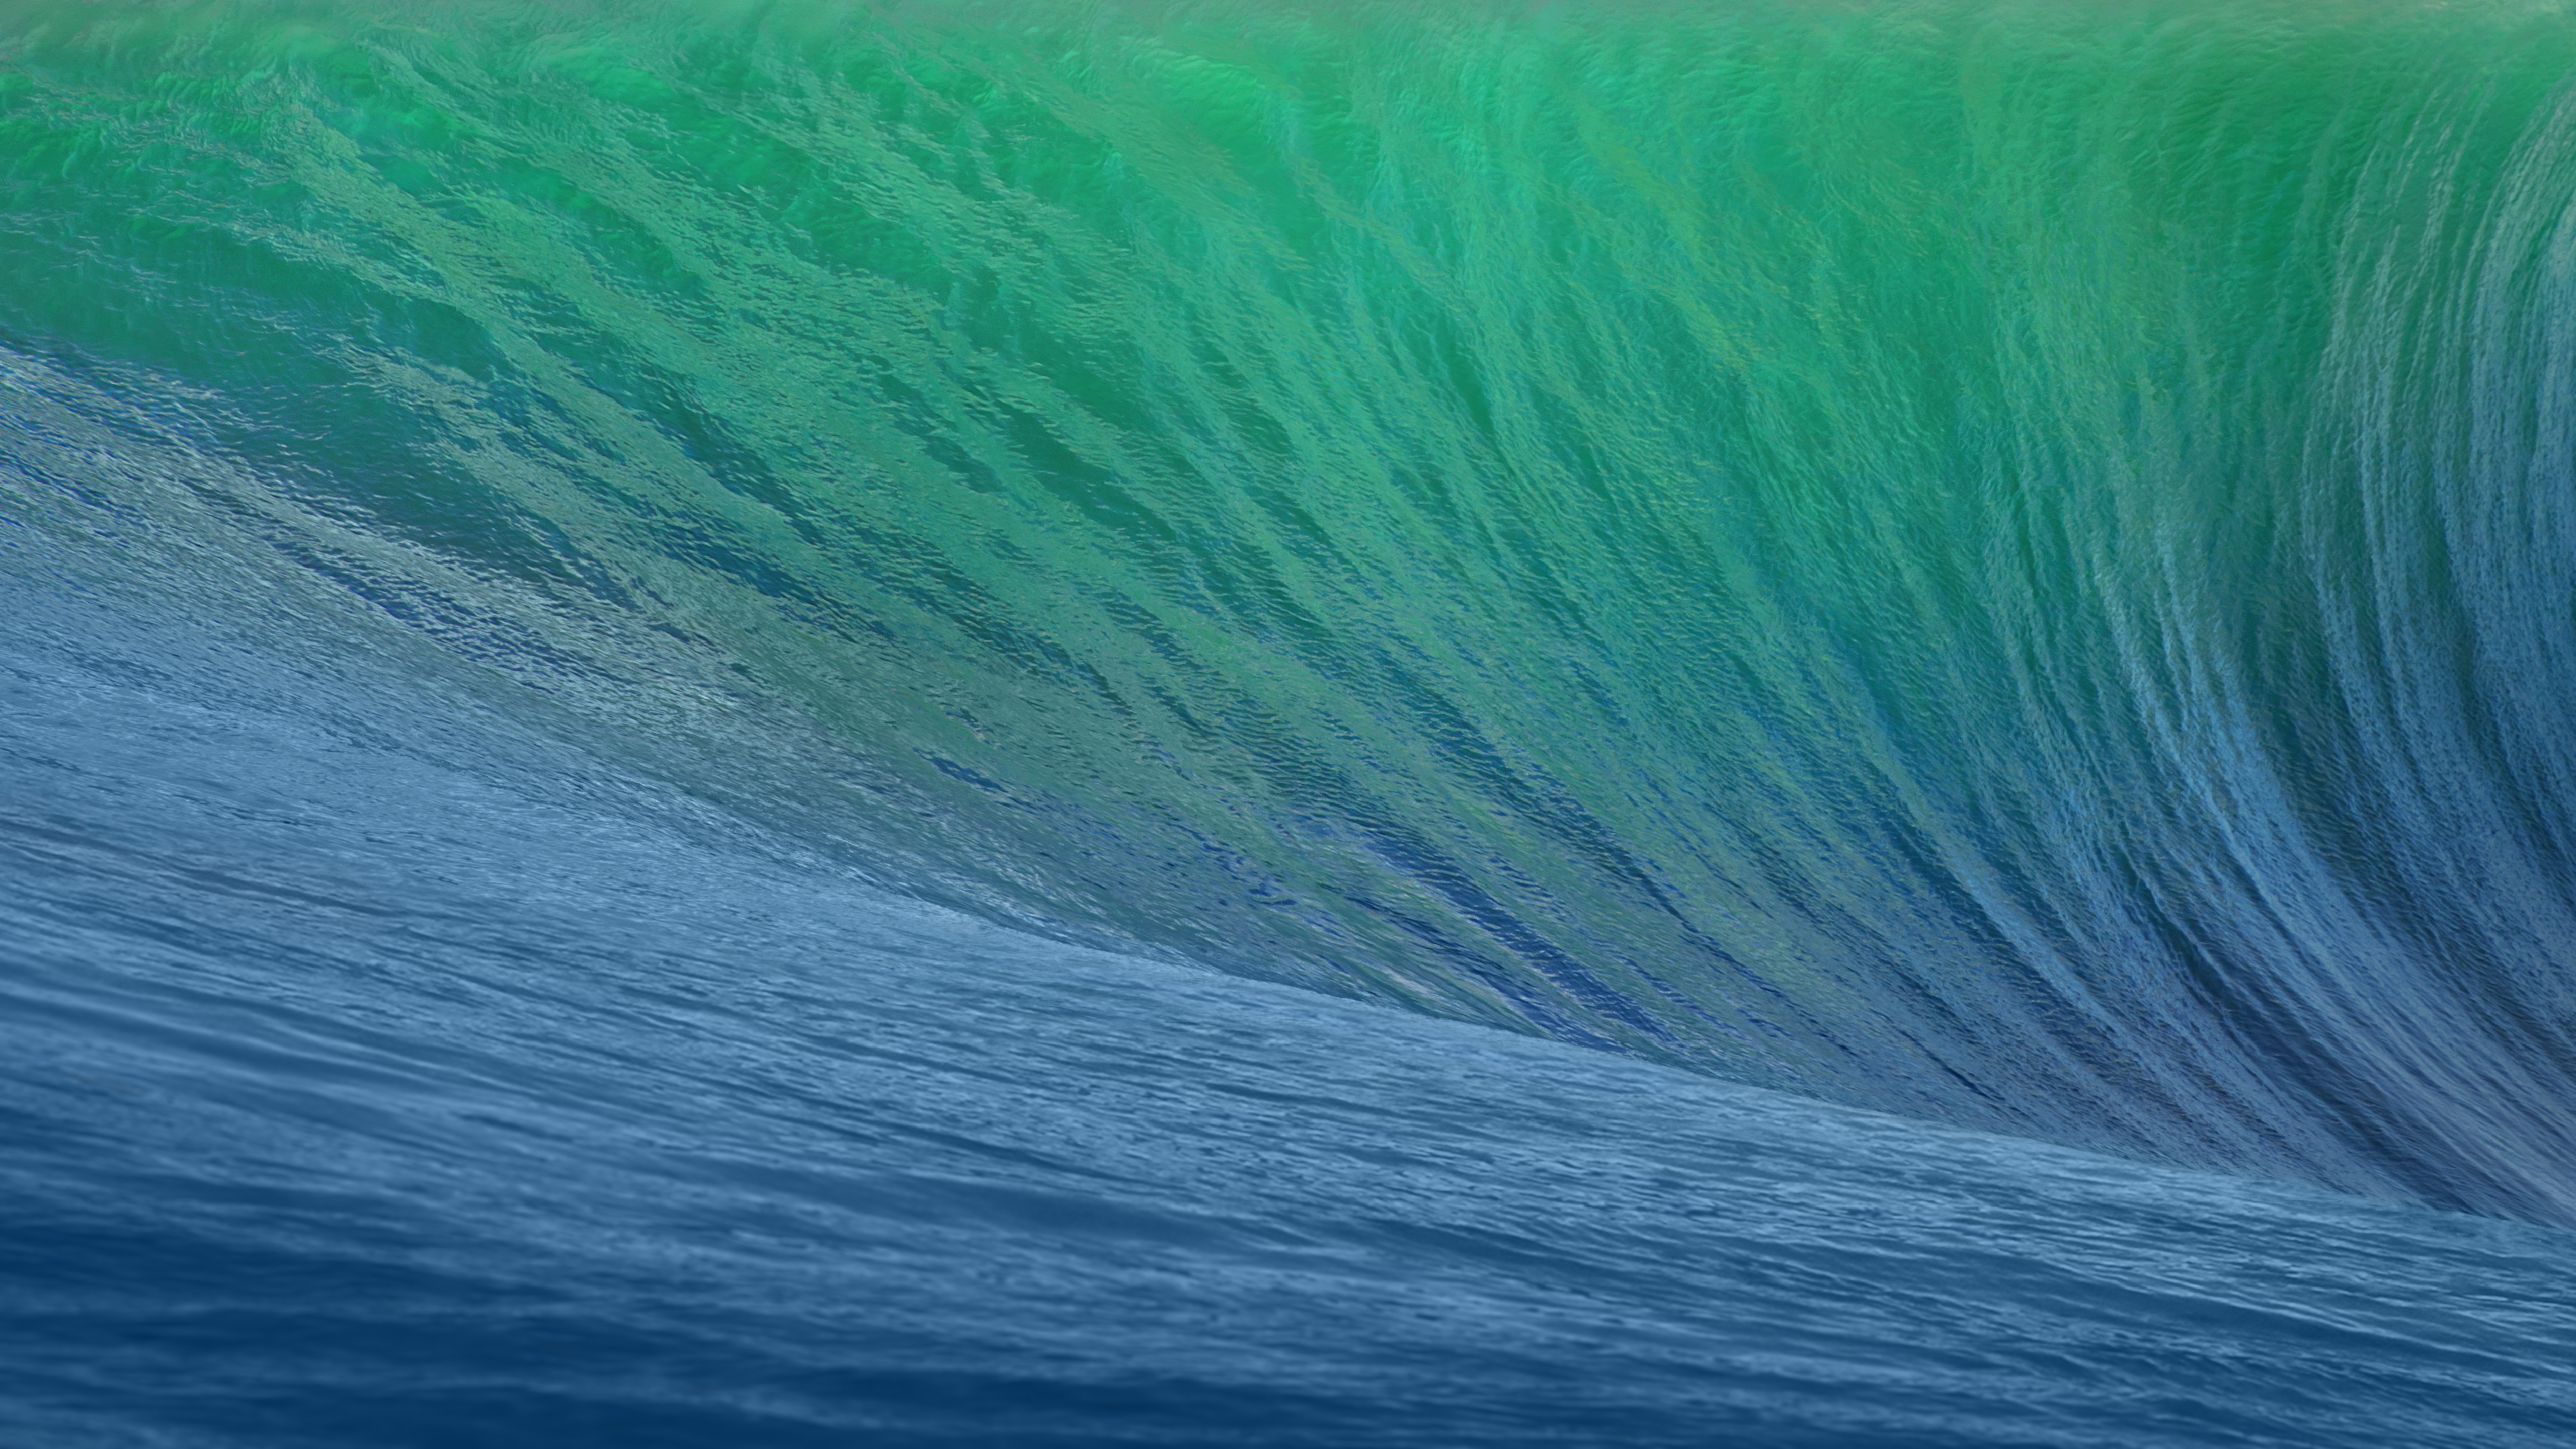 #ntmnd76 Mac Osx Wallpapers - Os X Mavericks Wallpaper 4k , HD Wallpaper & Backgrounds